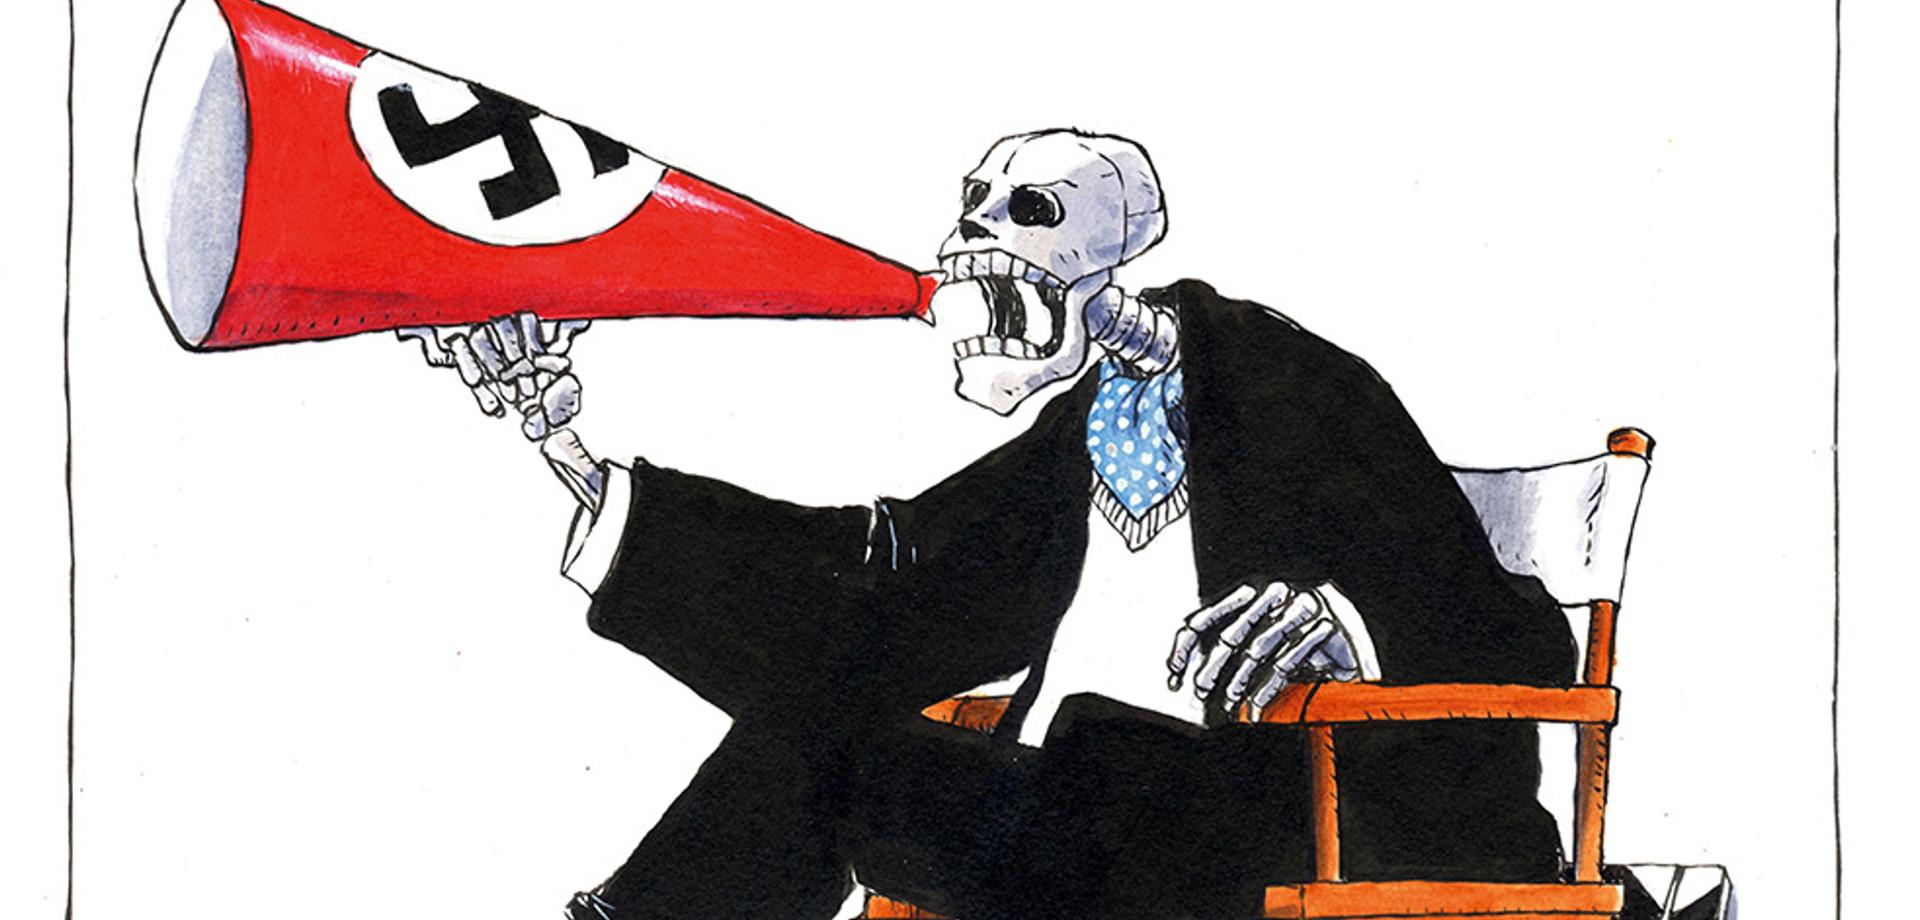 «Βάλ'τους Χ»: Μία έκθεση με σκίτσα που αποτυπώνουν περιστατικά ρατσιστικής βίας